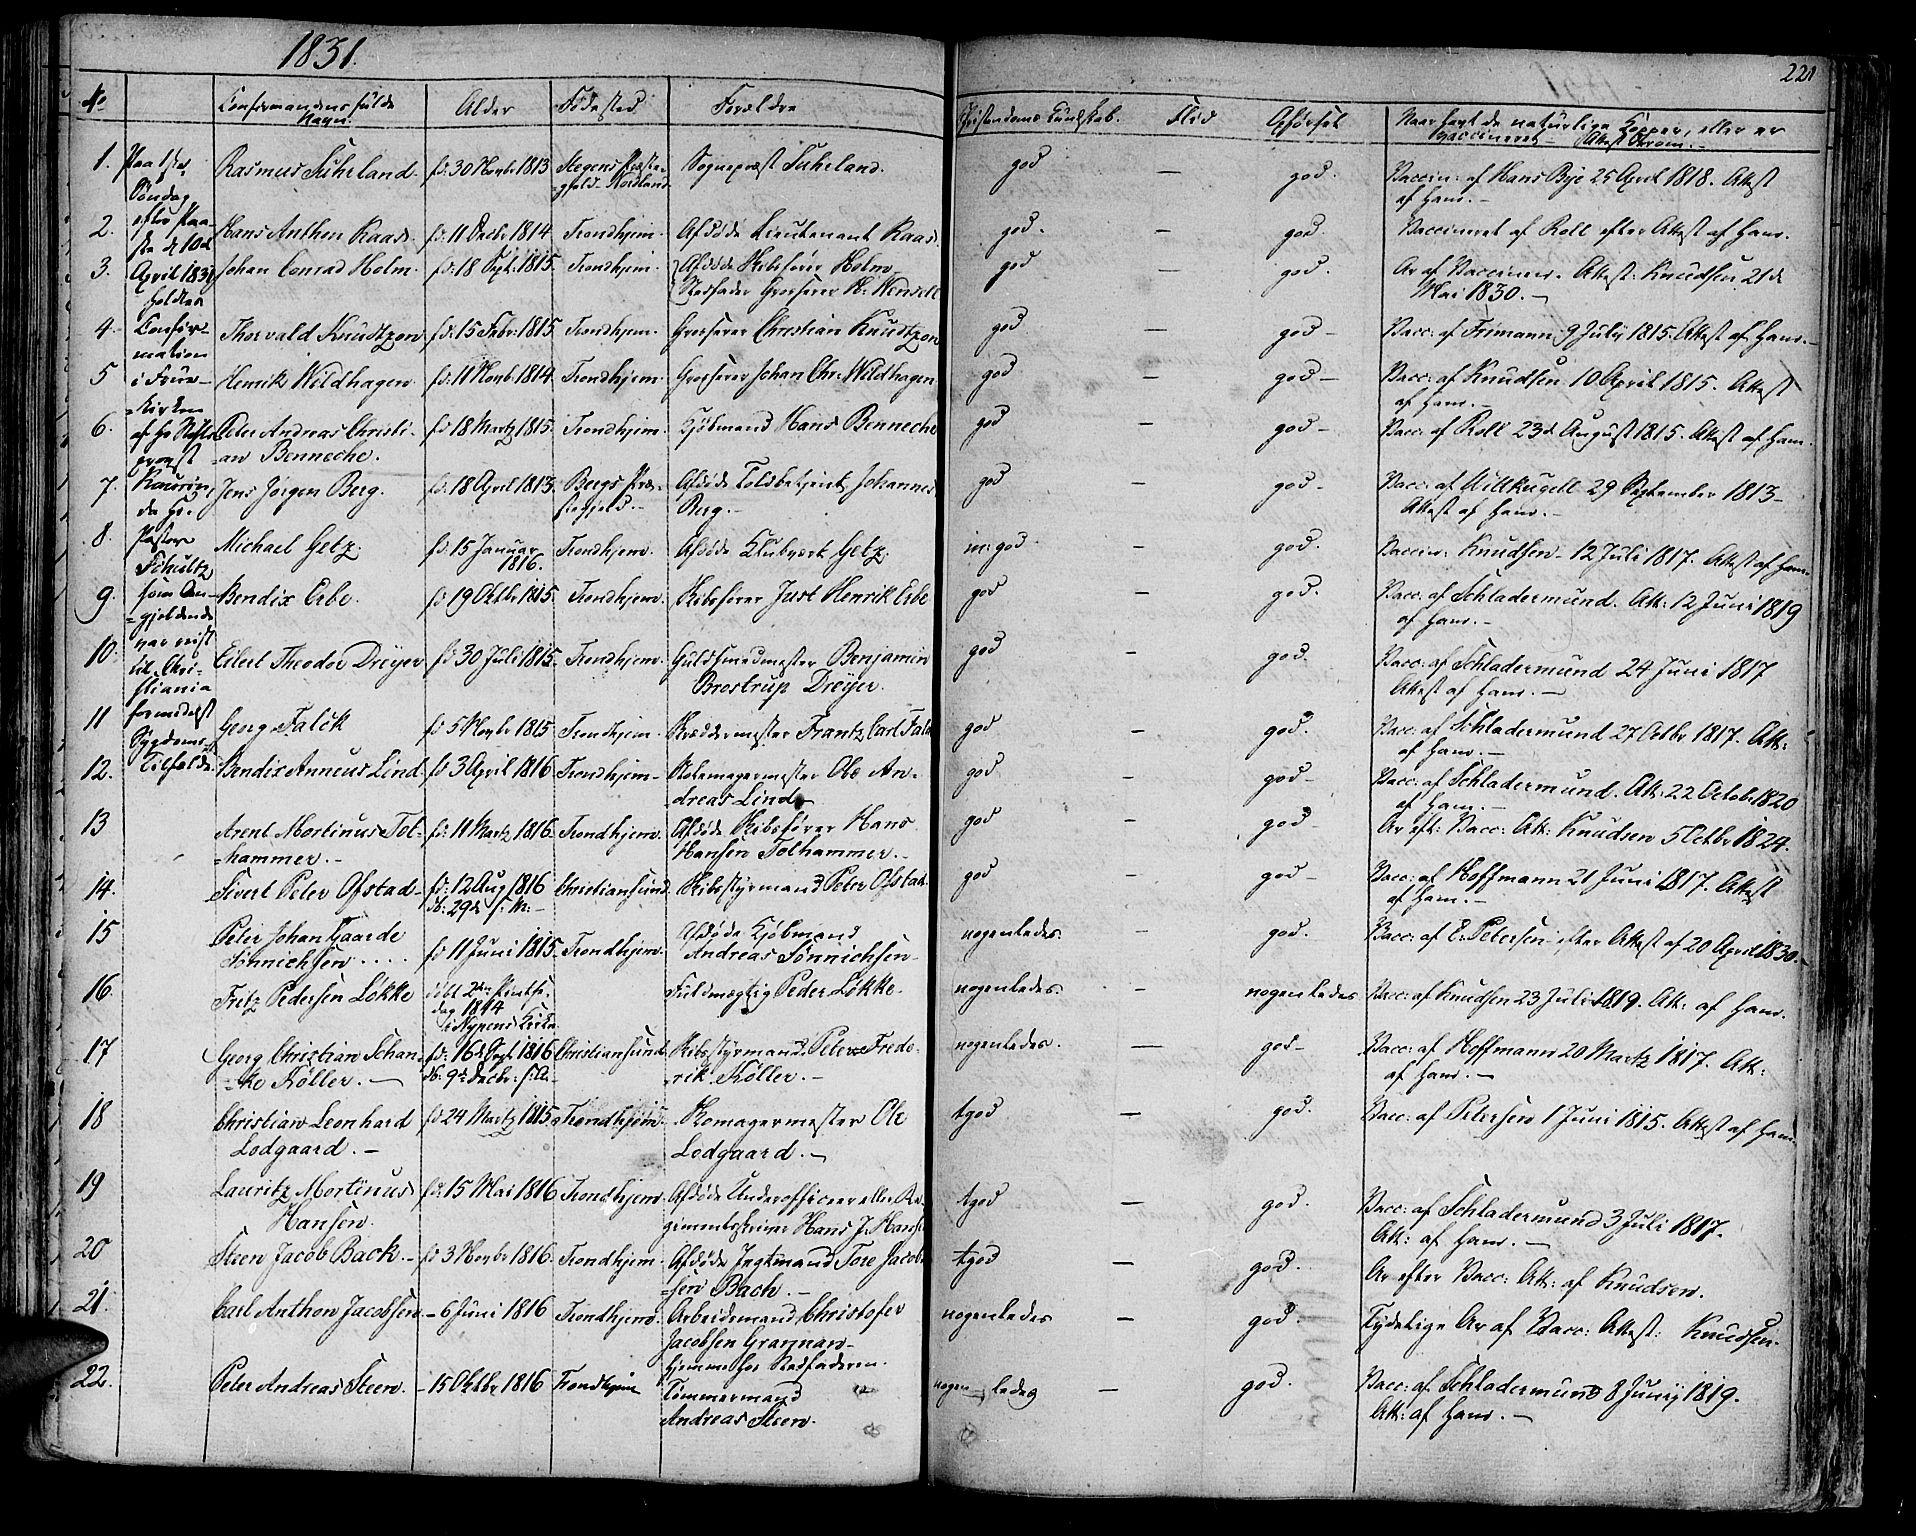 SAT, Ministerialprotokoller, klokkerbøker og fødselsregistre - Sør-Trøndelag, 602/L0108: Ministerialbok nr. 602A06, 1821-1839, s. 221